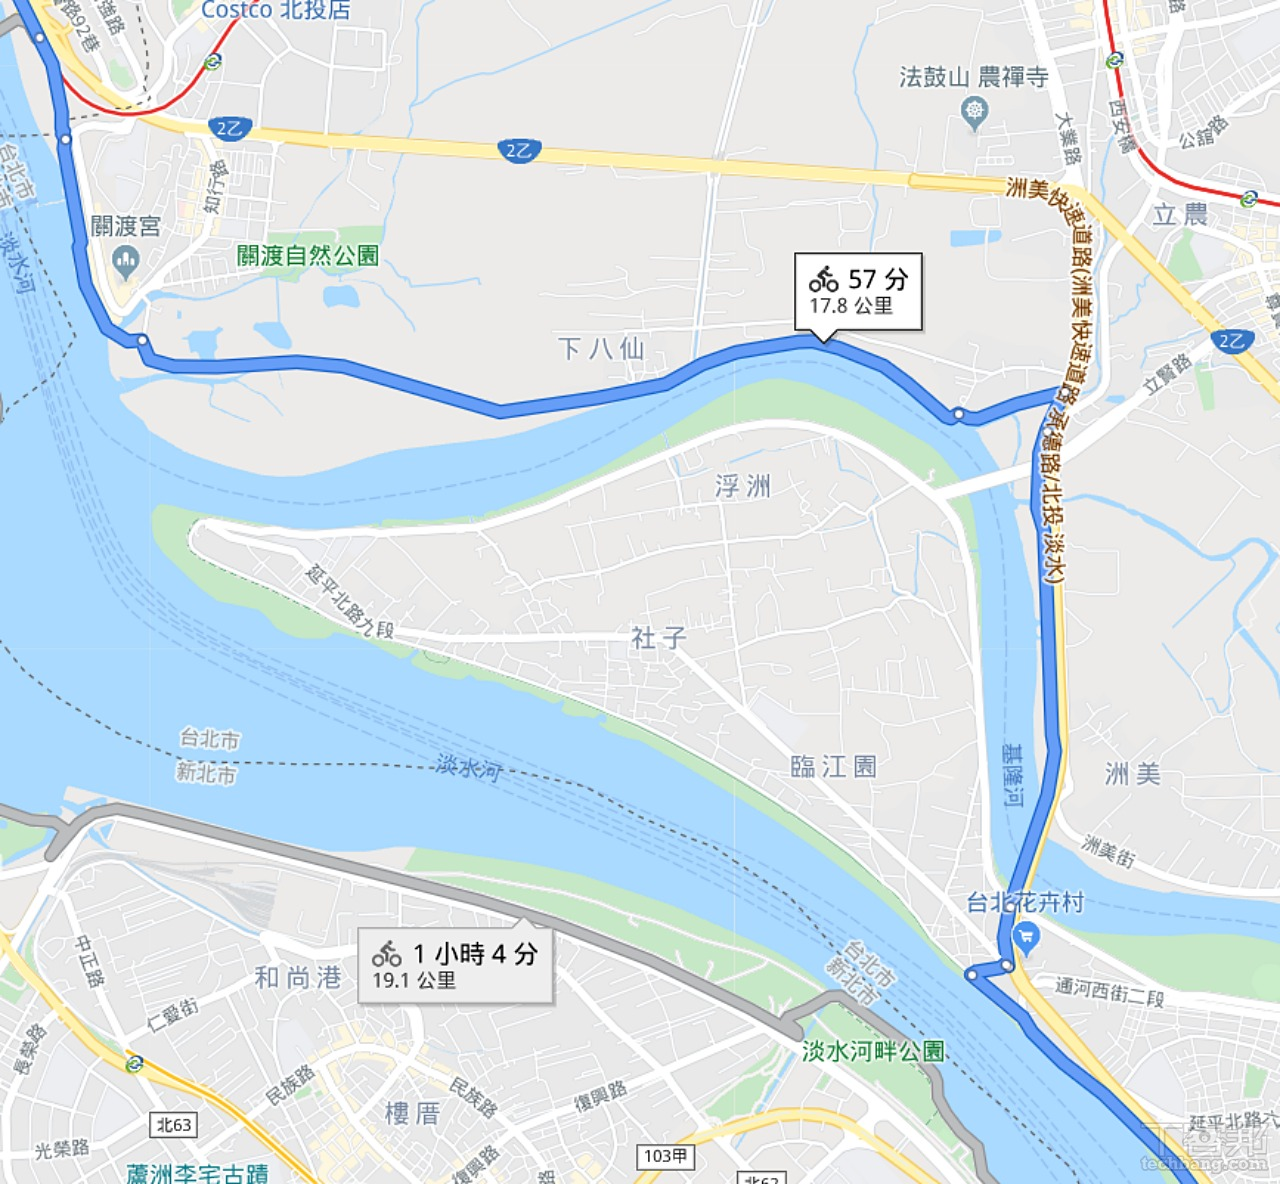 往淡水的洲美高架橋部分也同樣可以正確導航。